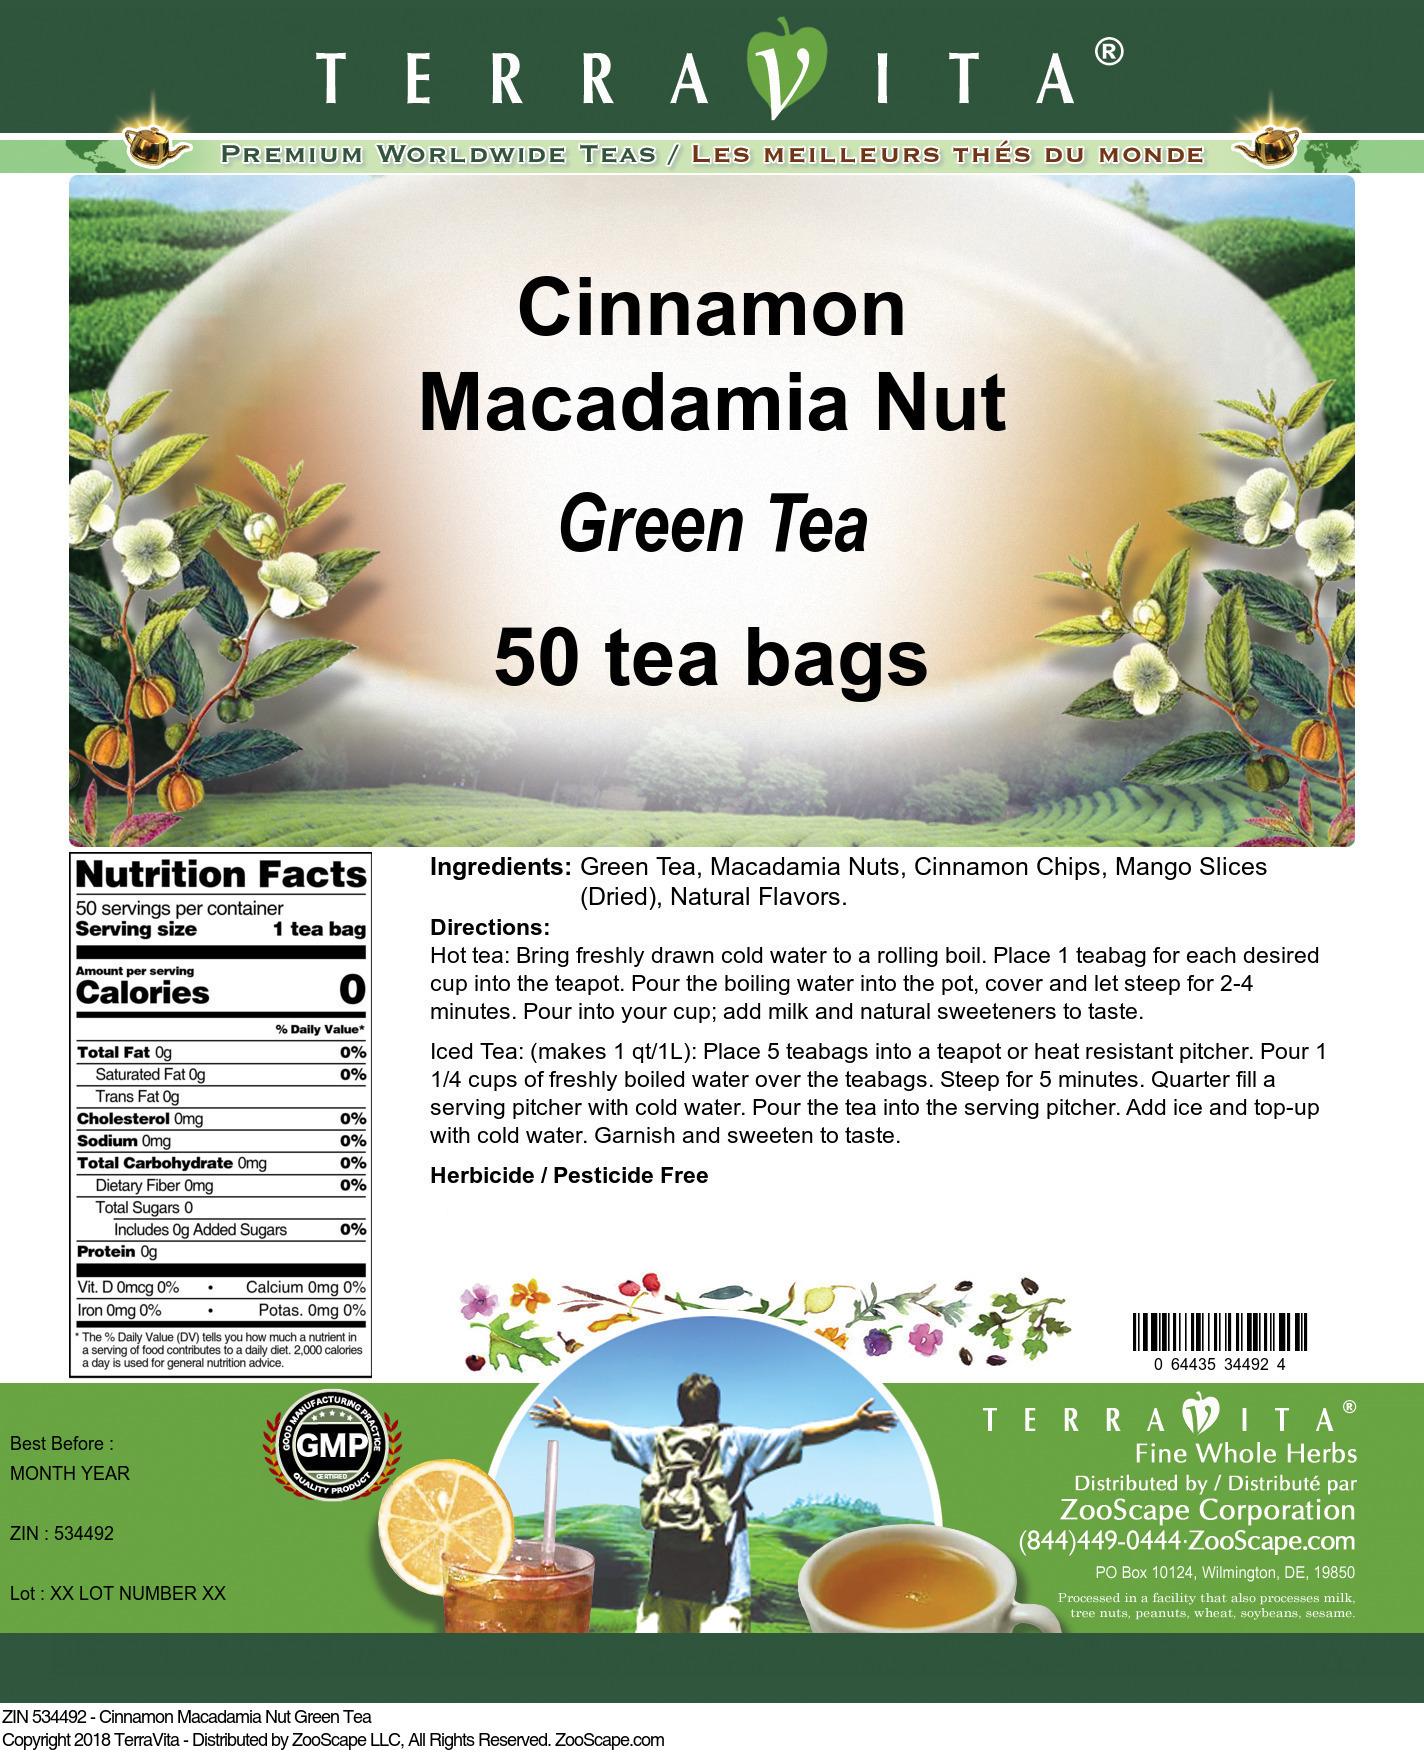 Cinnamon Macadamia Nut Green Tea